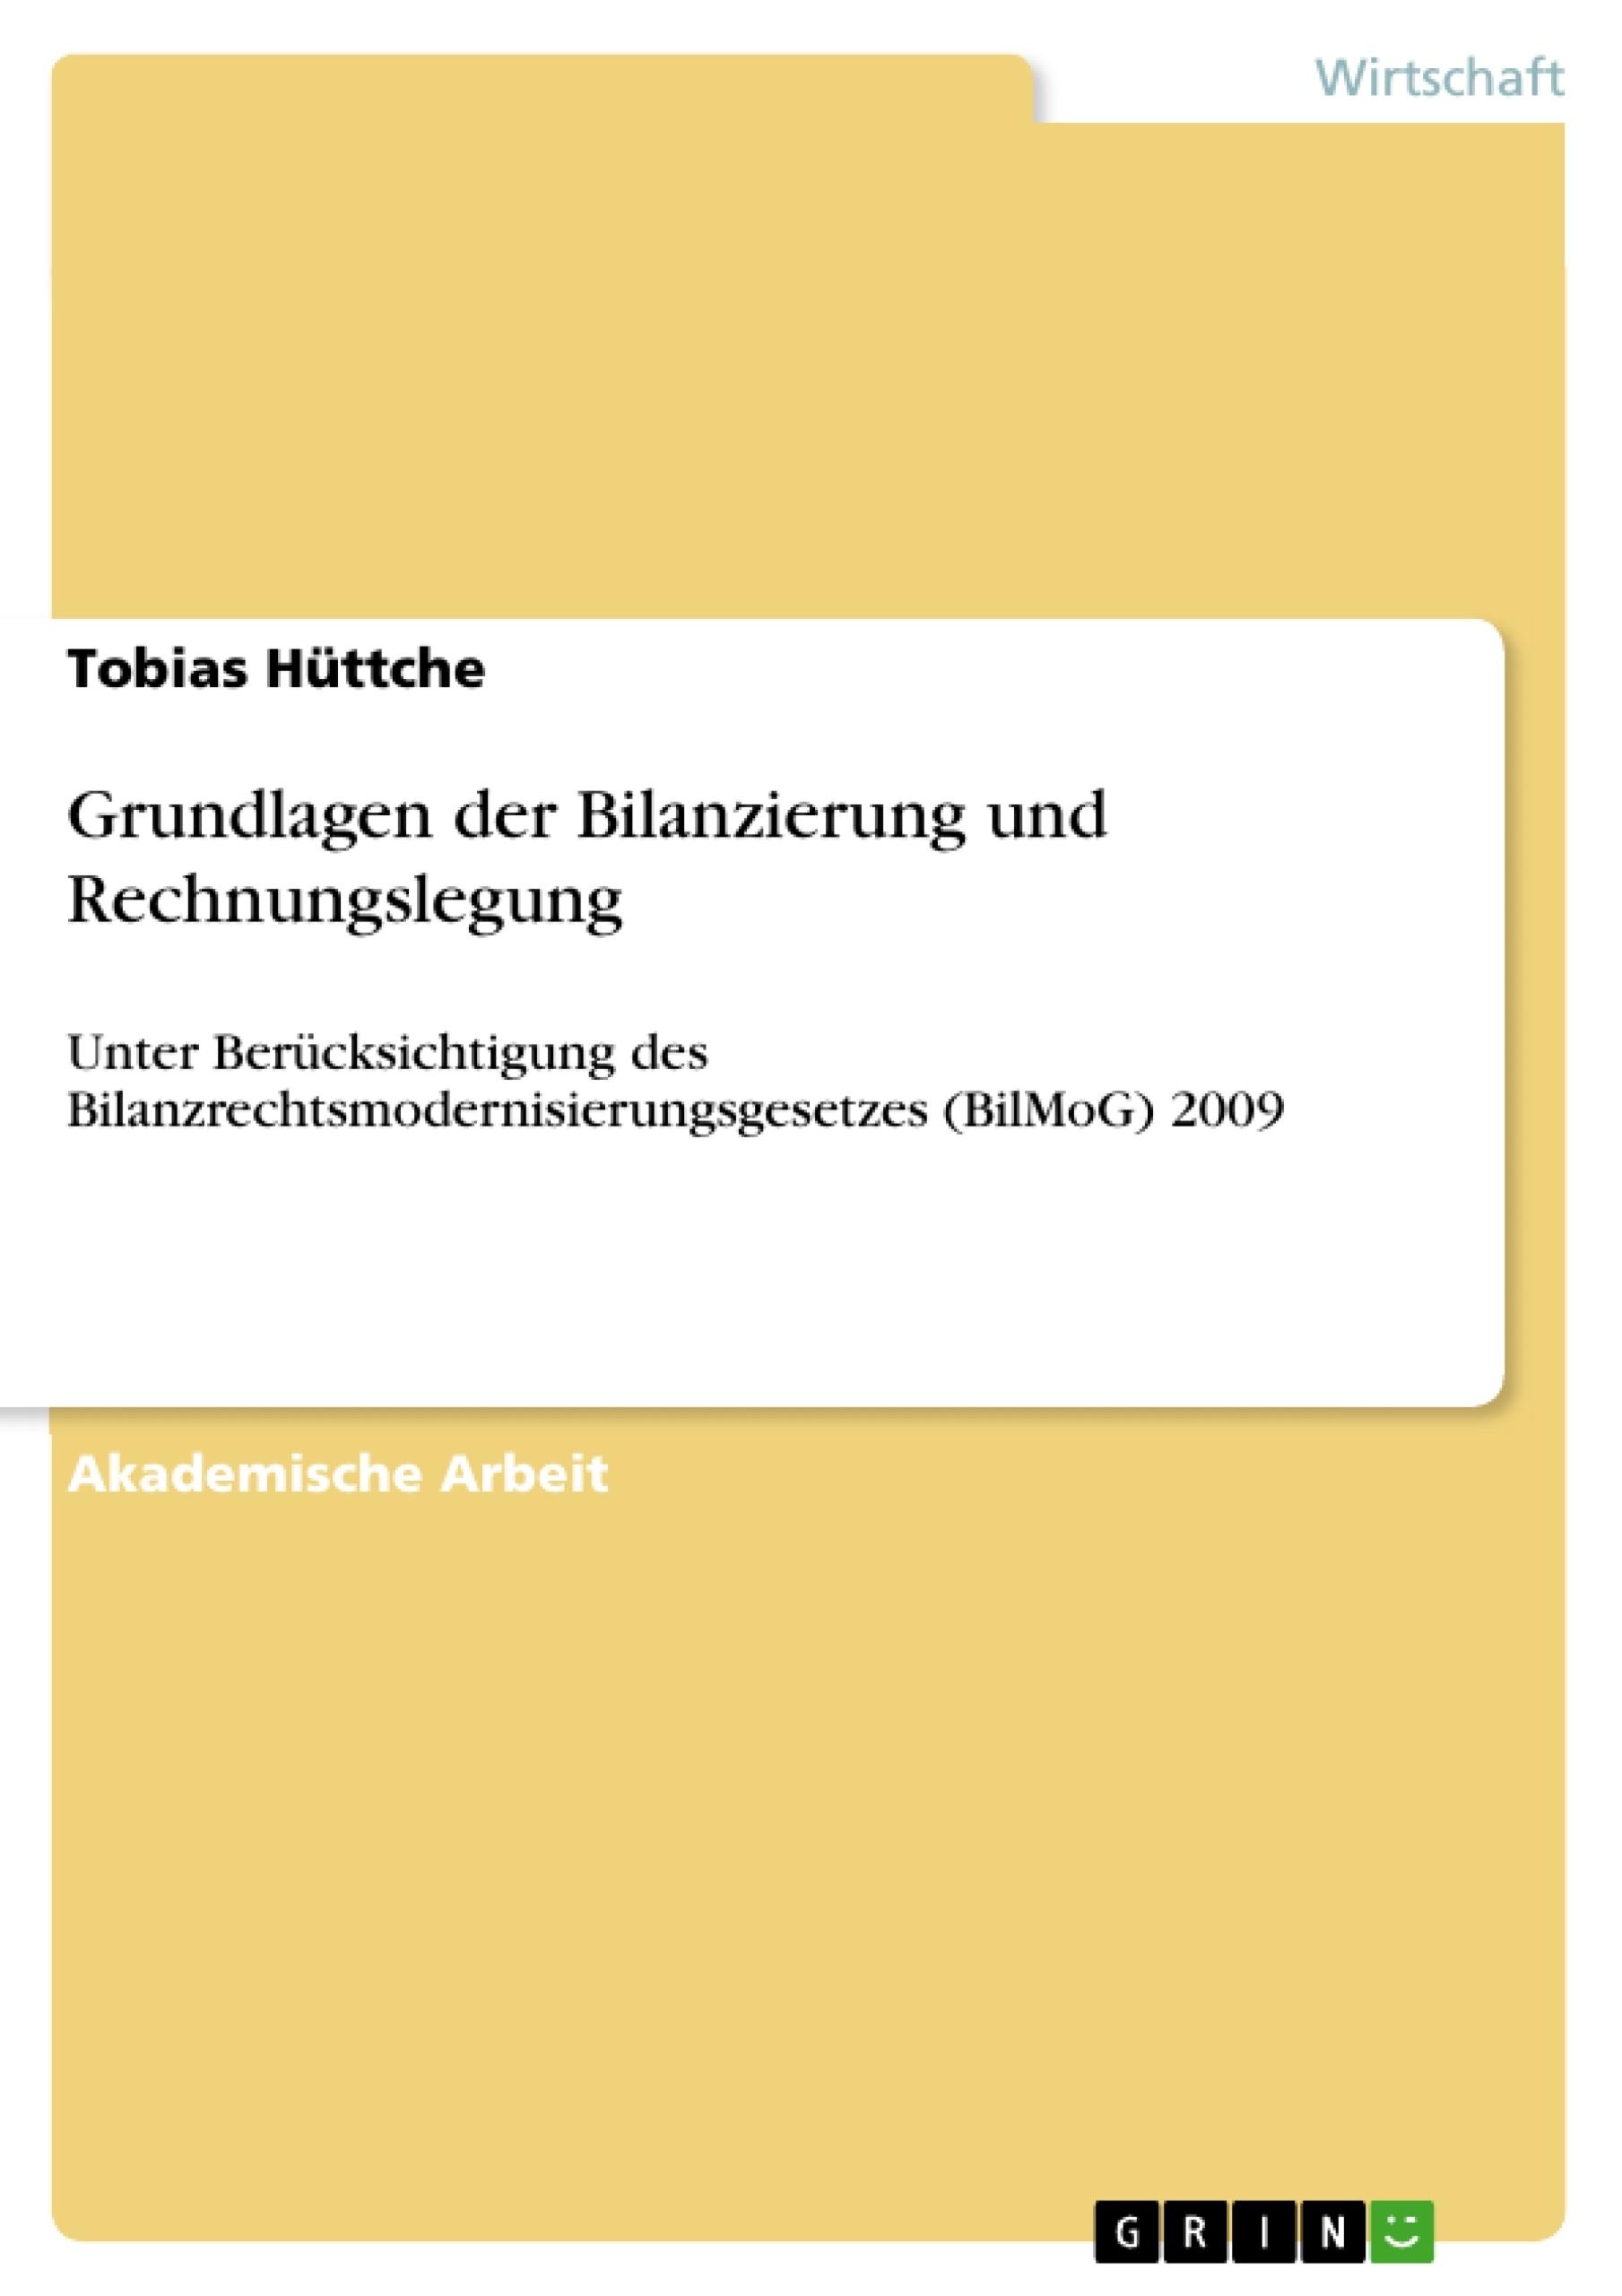 Titel: Grundlagen der Bilanzierung und Rechnungslegung